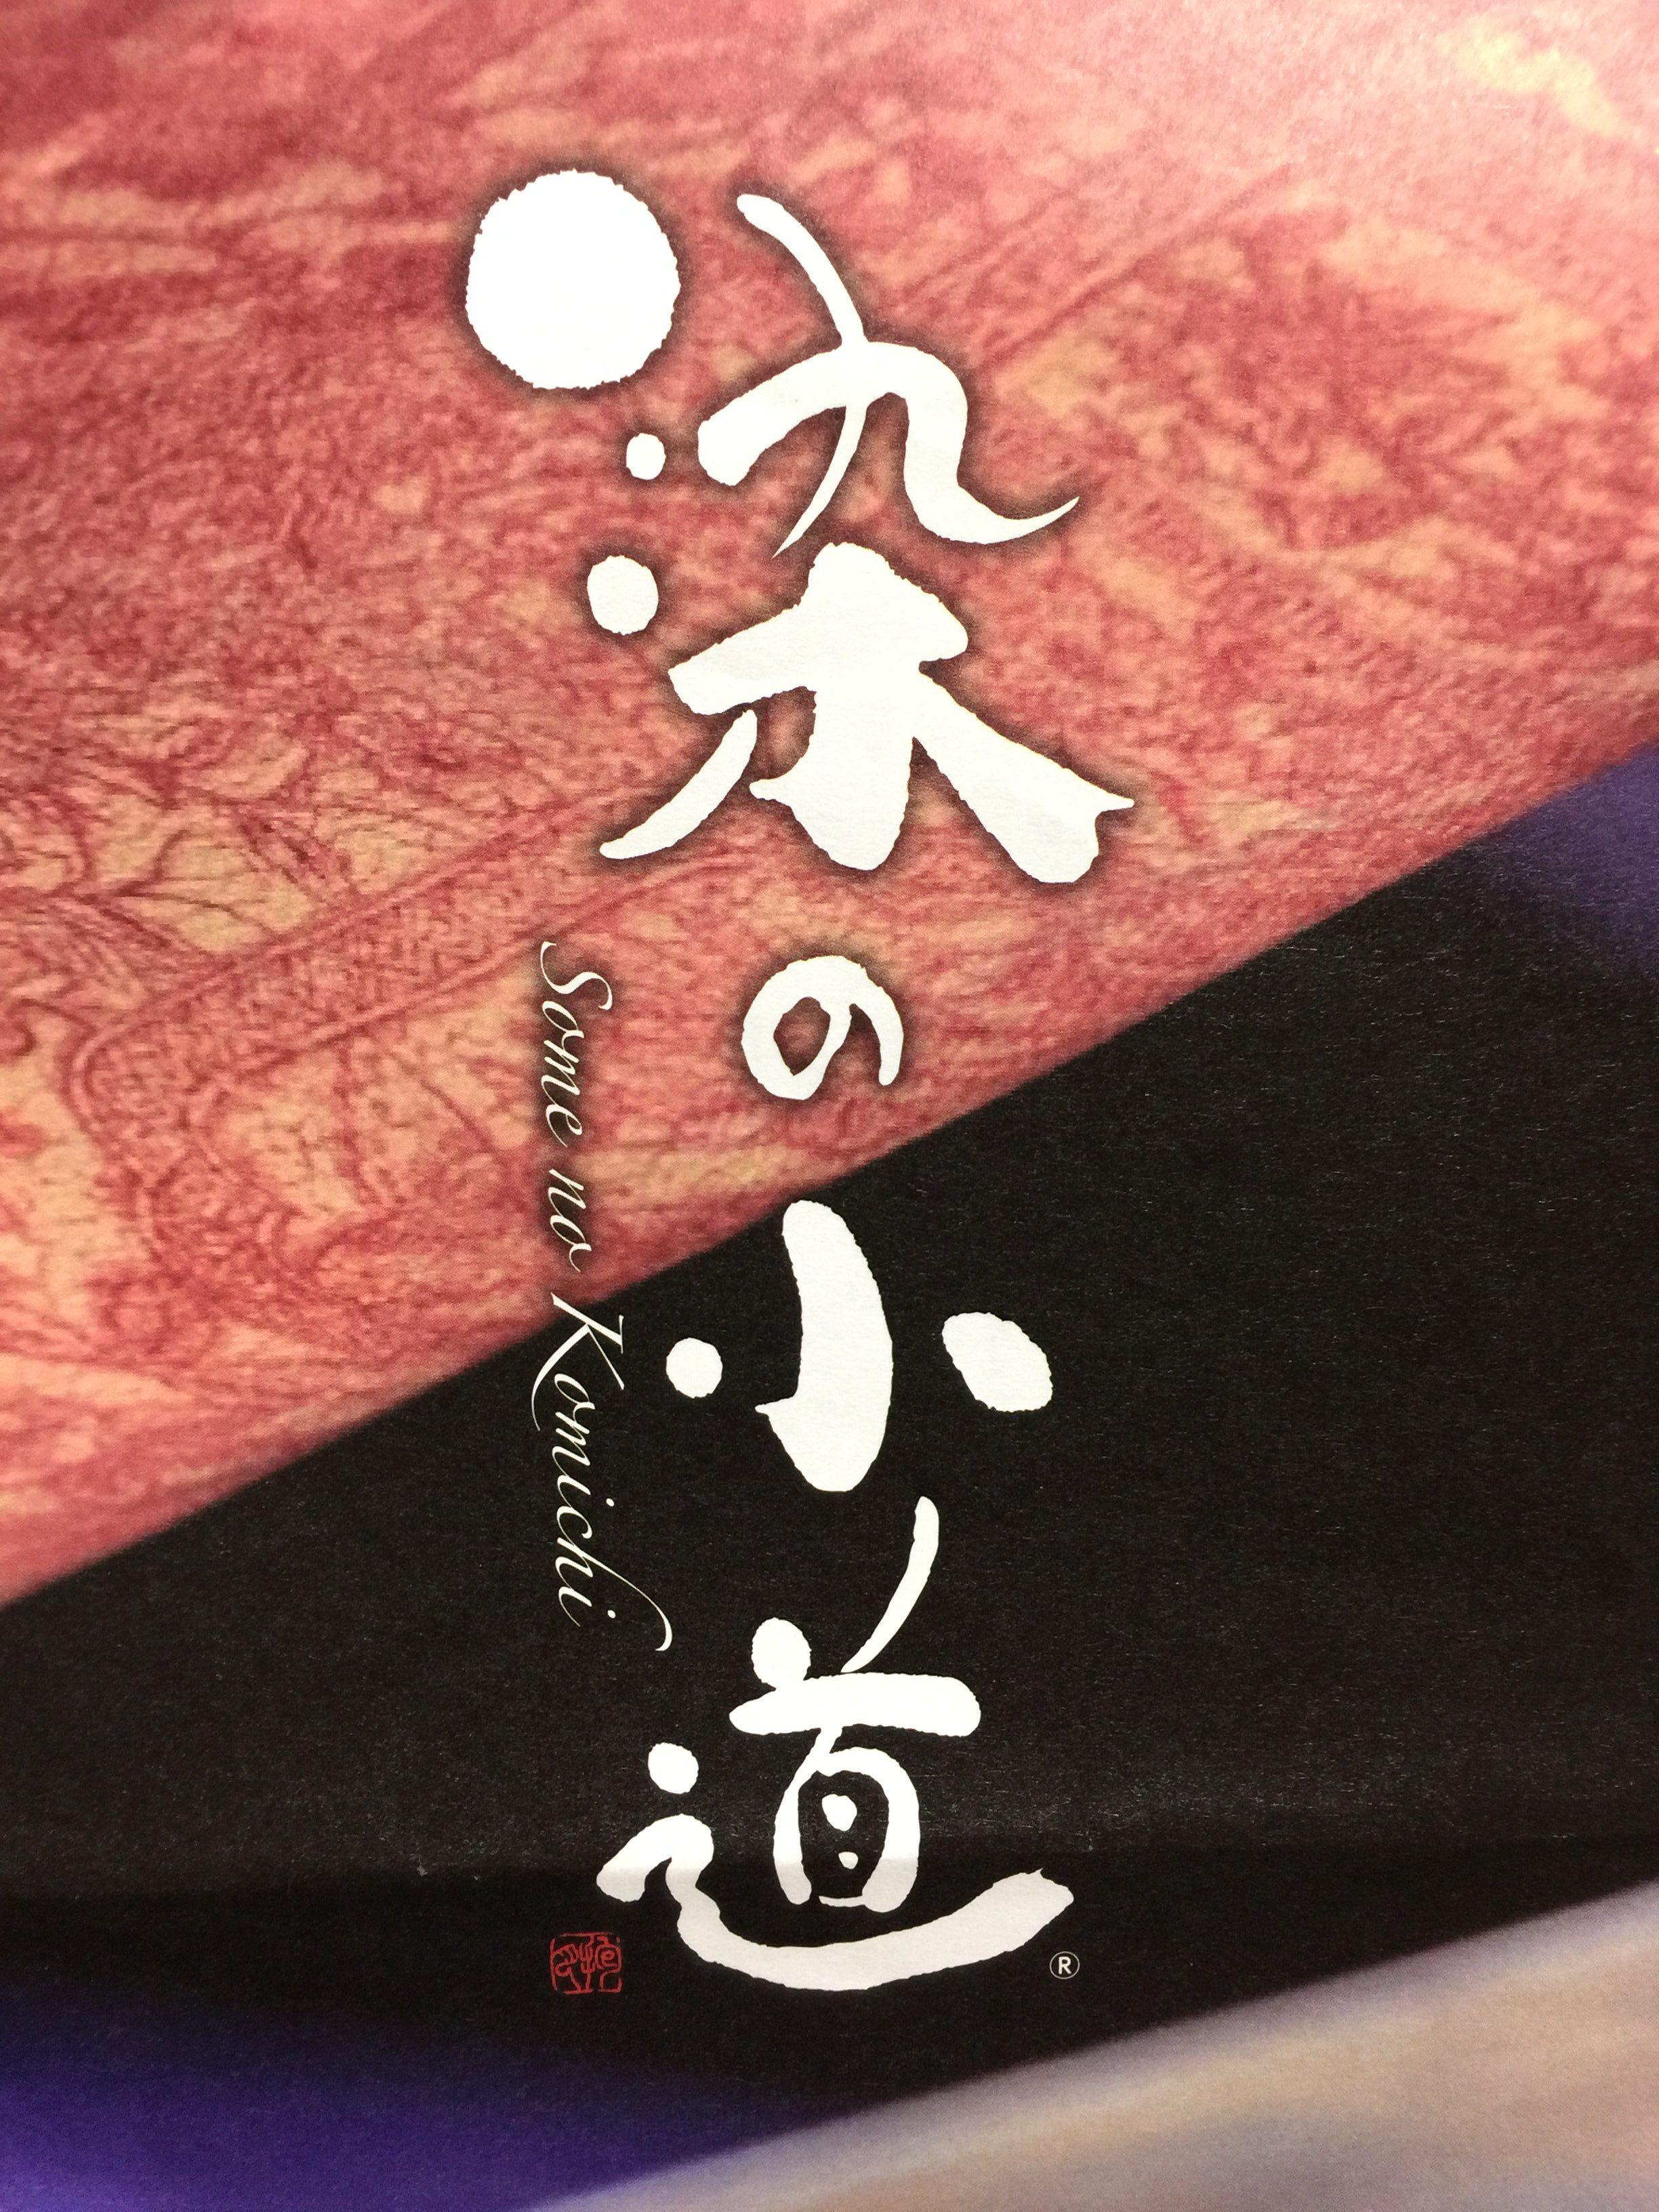 新宿至近の町で紡がれる伝統 〜染の小道〜